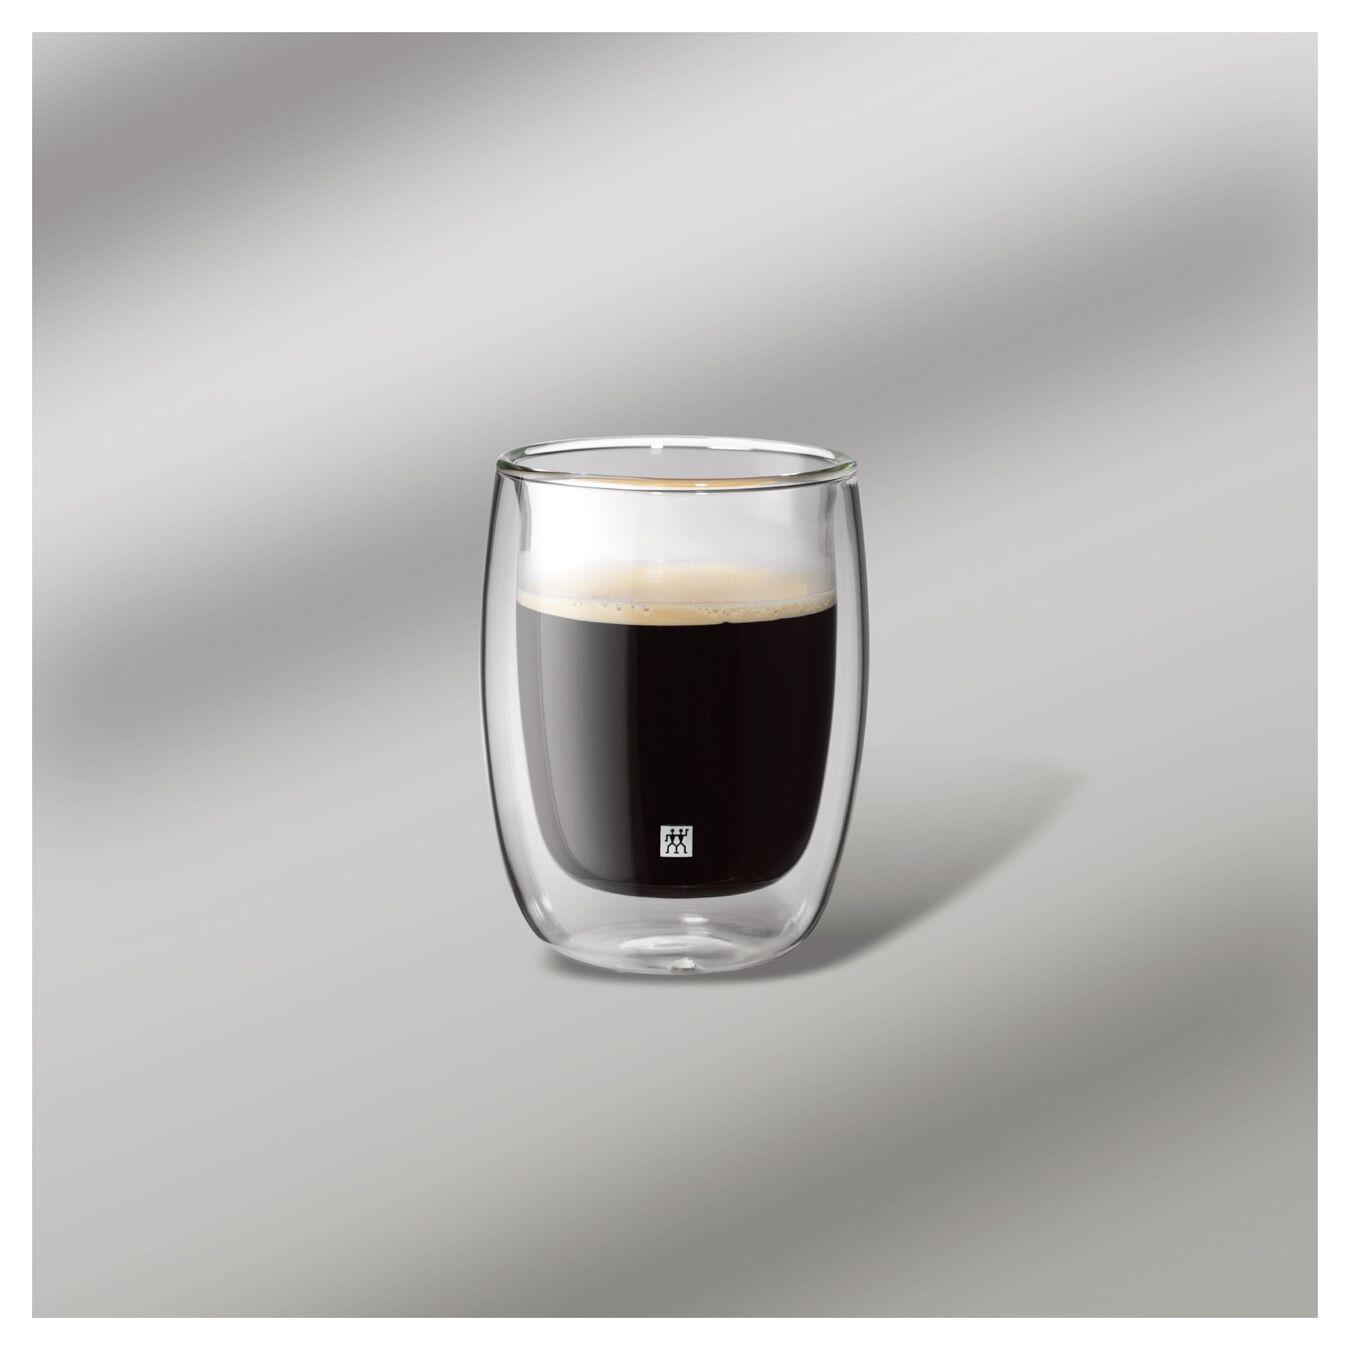 2-pcs Service de verres à café,,large 2